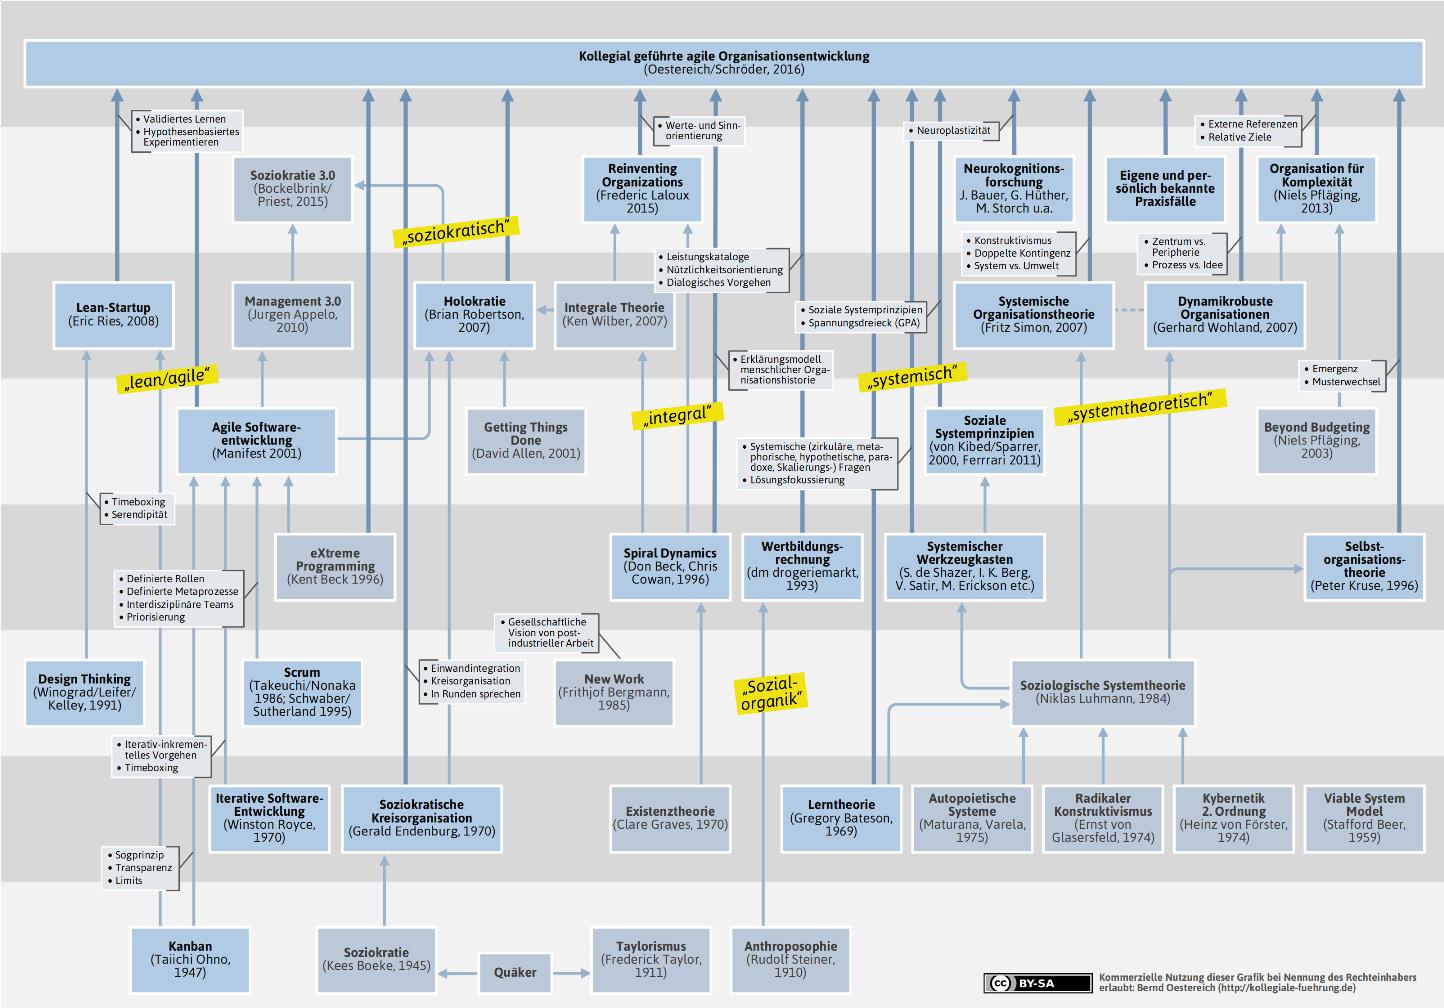 Die Kollegial Geführte Agile Organisationsentwicklung Als Baukasten Agiler, Systemischer, Integraler Und Soziokratischer Grundelemente